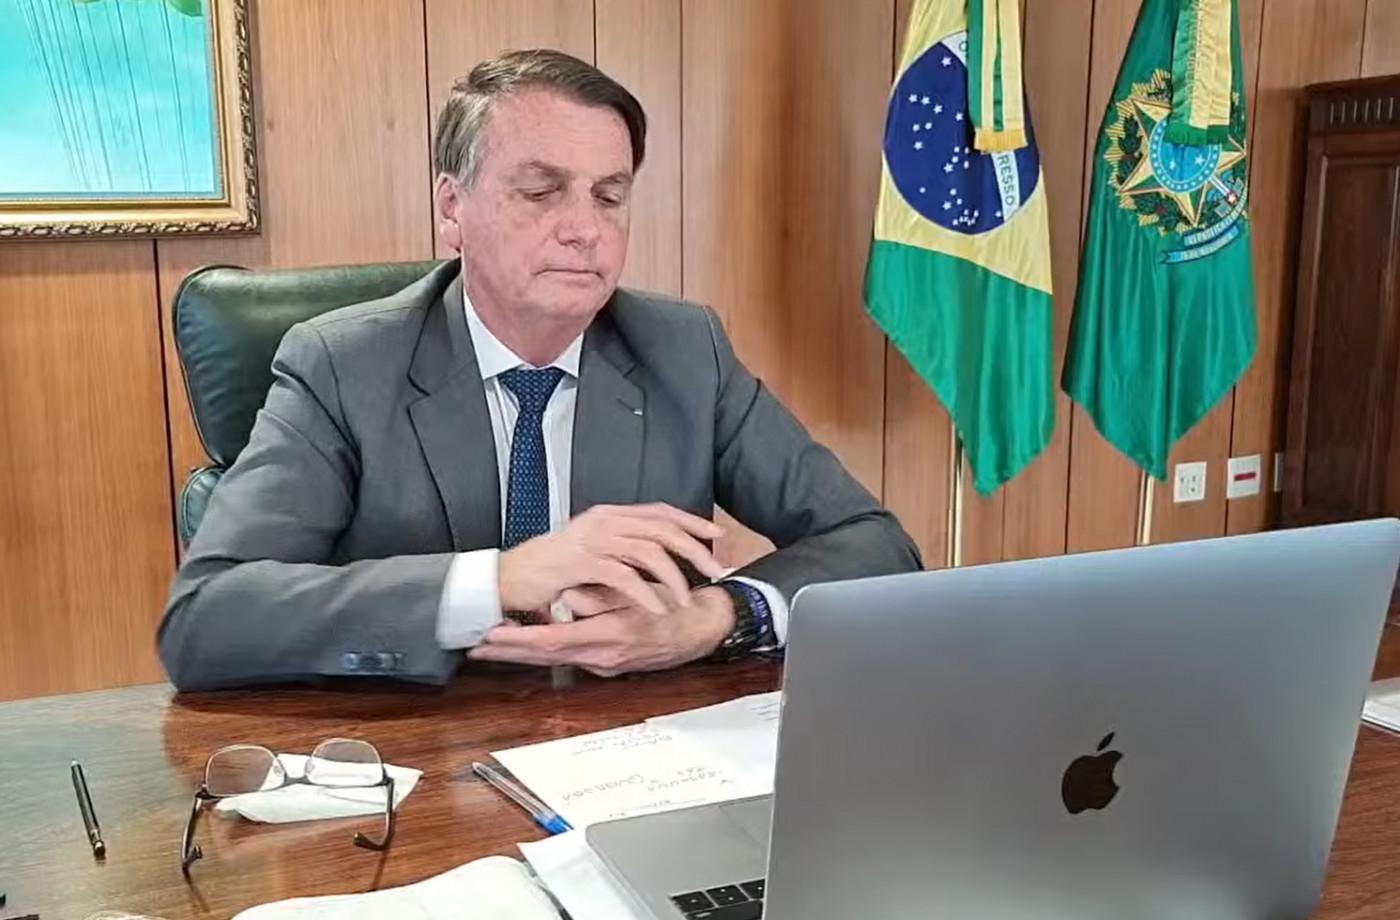 jair bolsonaro sentado em cadeira e olhando para computador